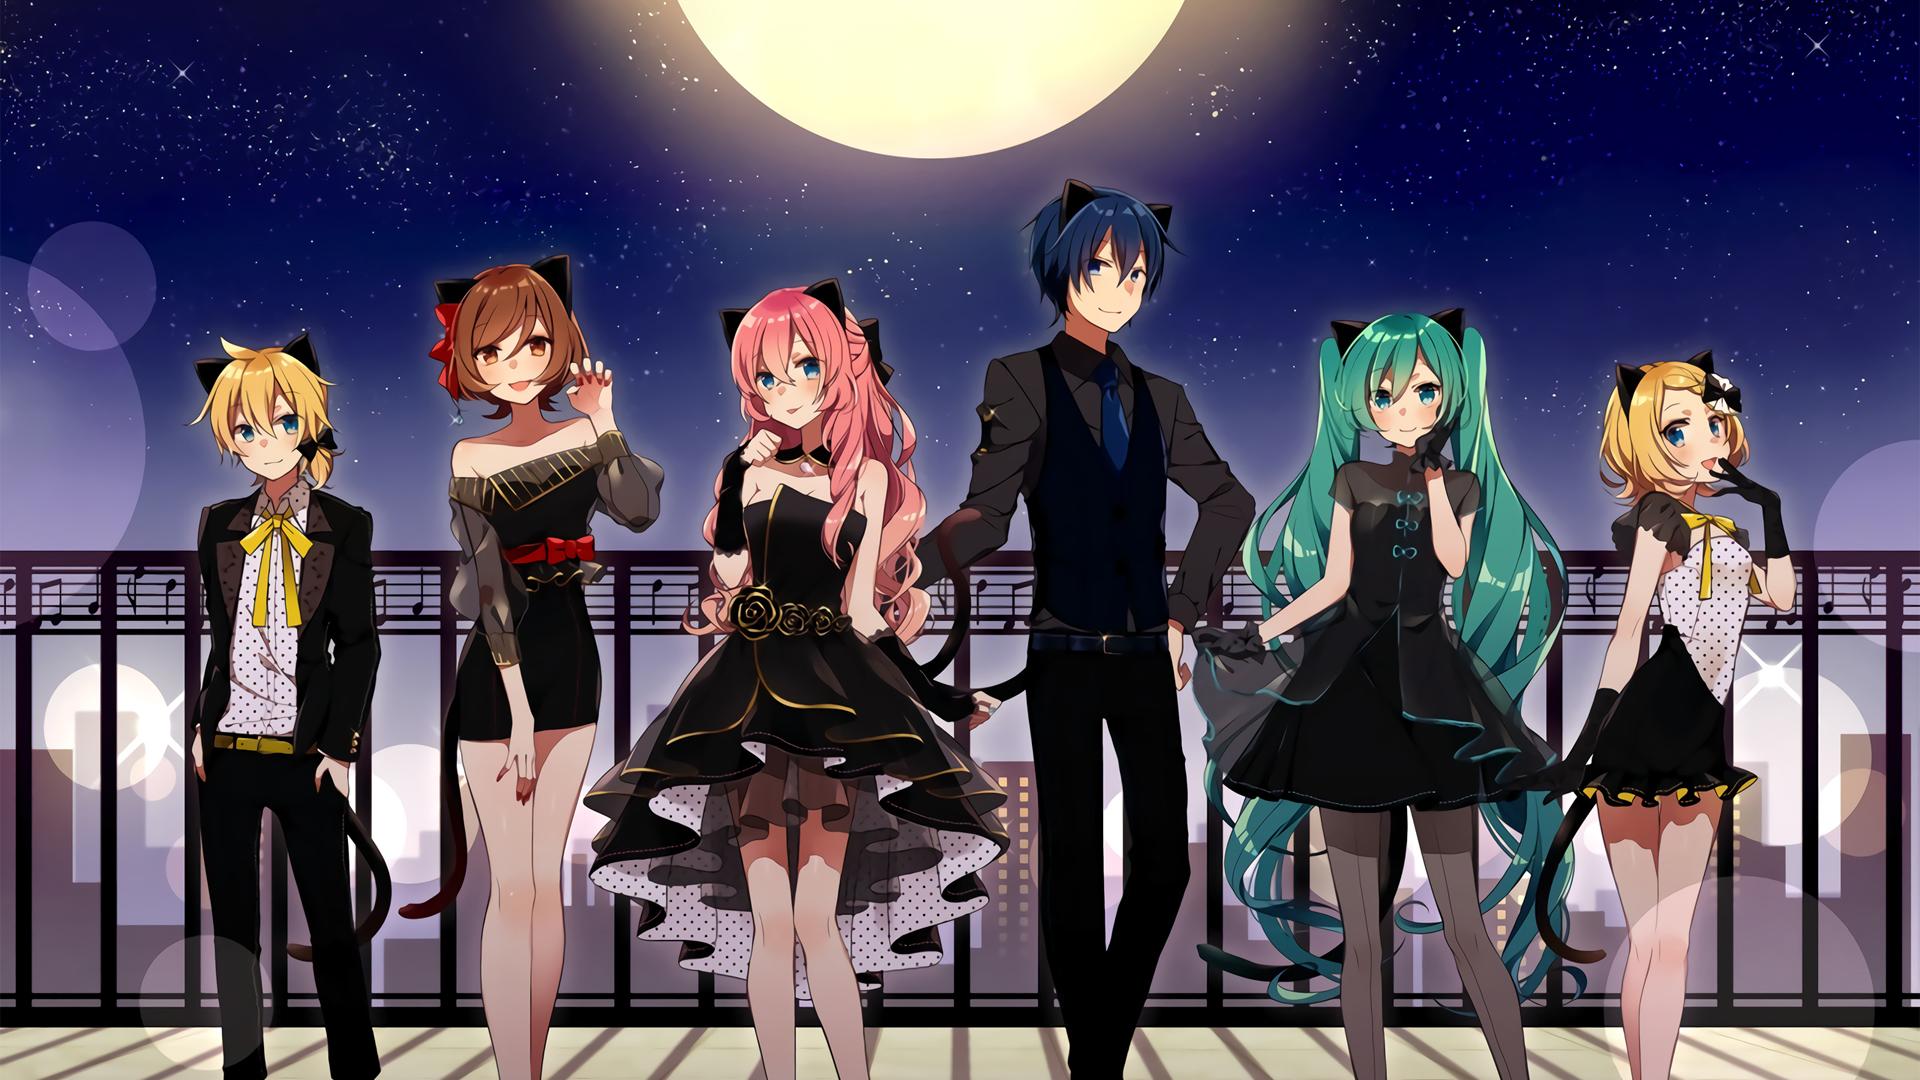 初音未来 鏡音 巡音流歌MEIKOKAITO 星空 月亮 动漫壁纸